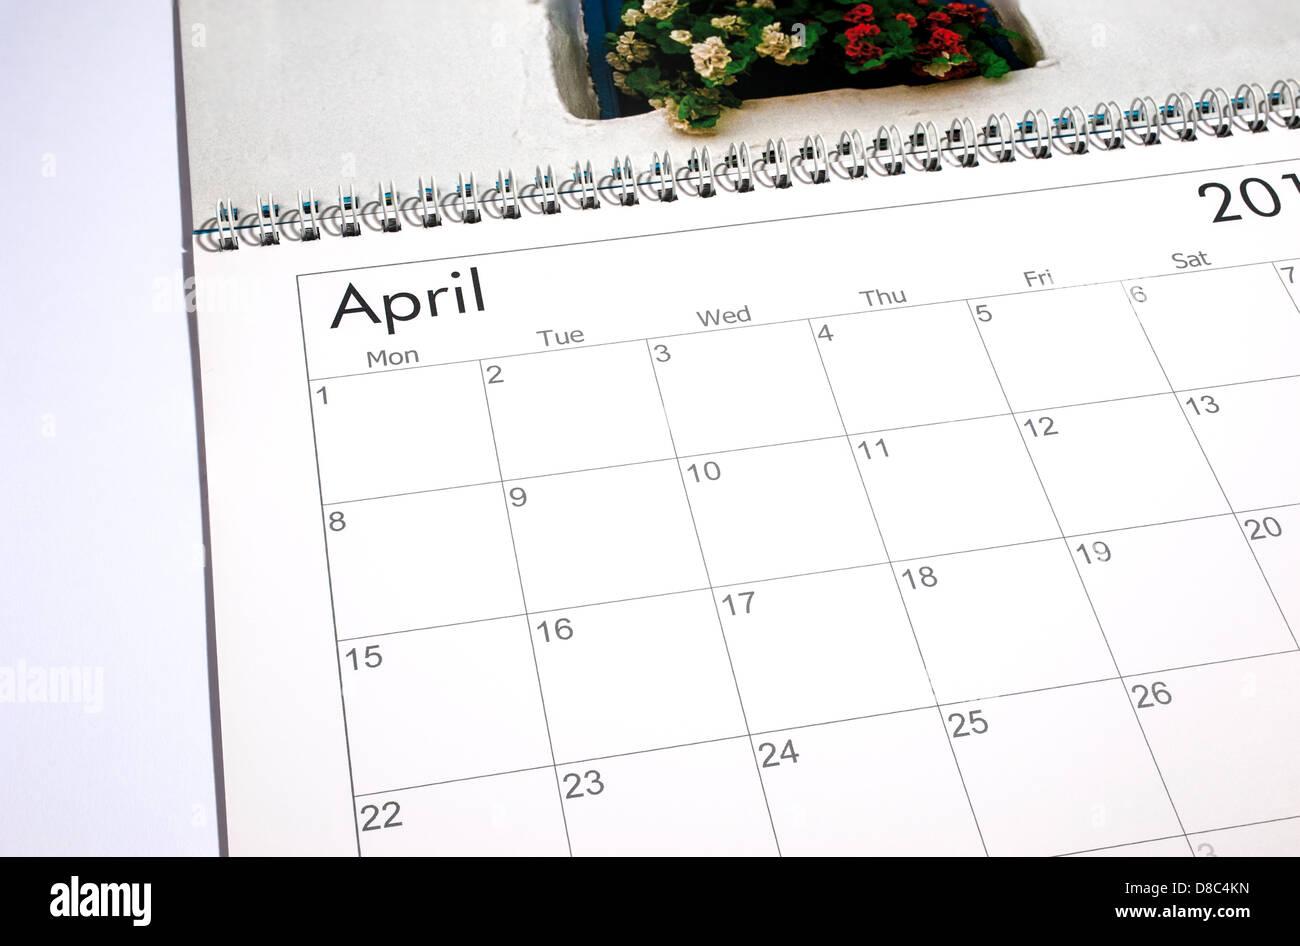 Calendario en blanco página - abril de 2013 Imagen De Stock